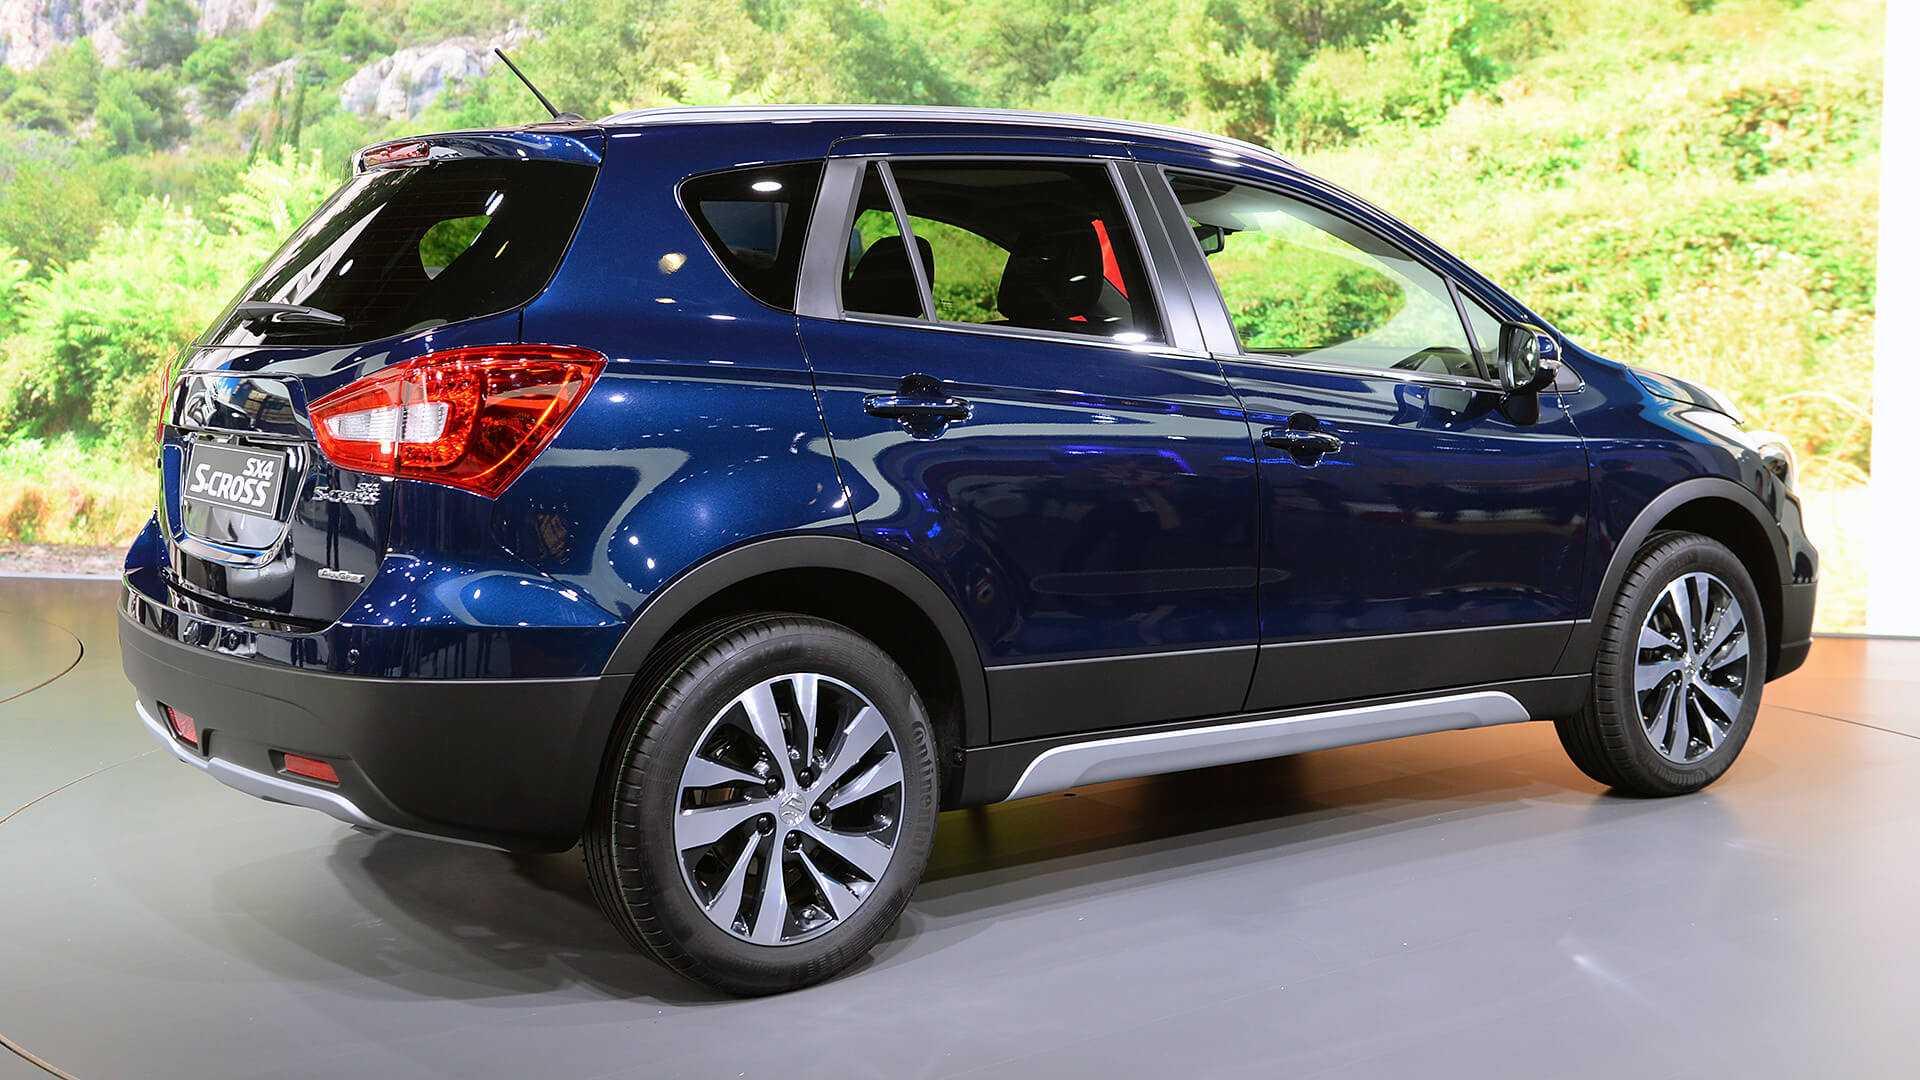 Suzuki sx4 1.6 mt 4wd glx (12.2012 - 11.2013) - технические характеристики